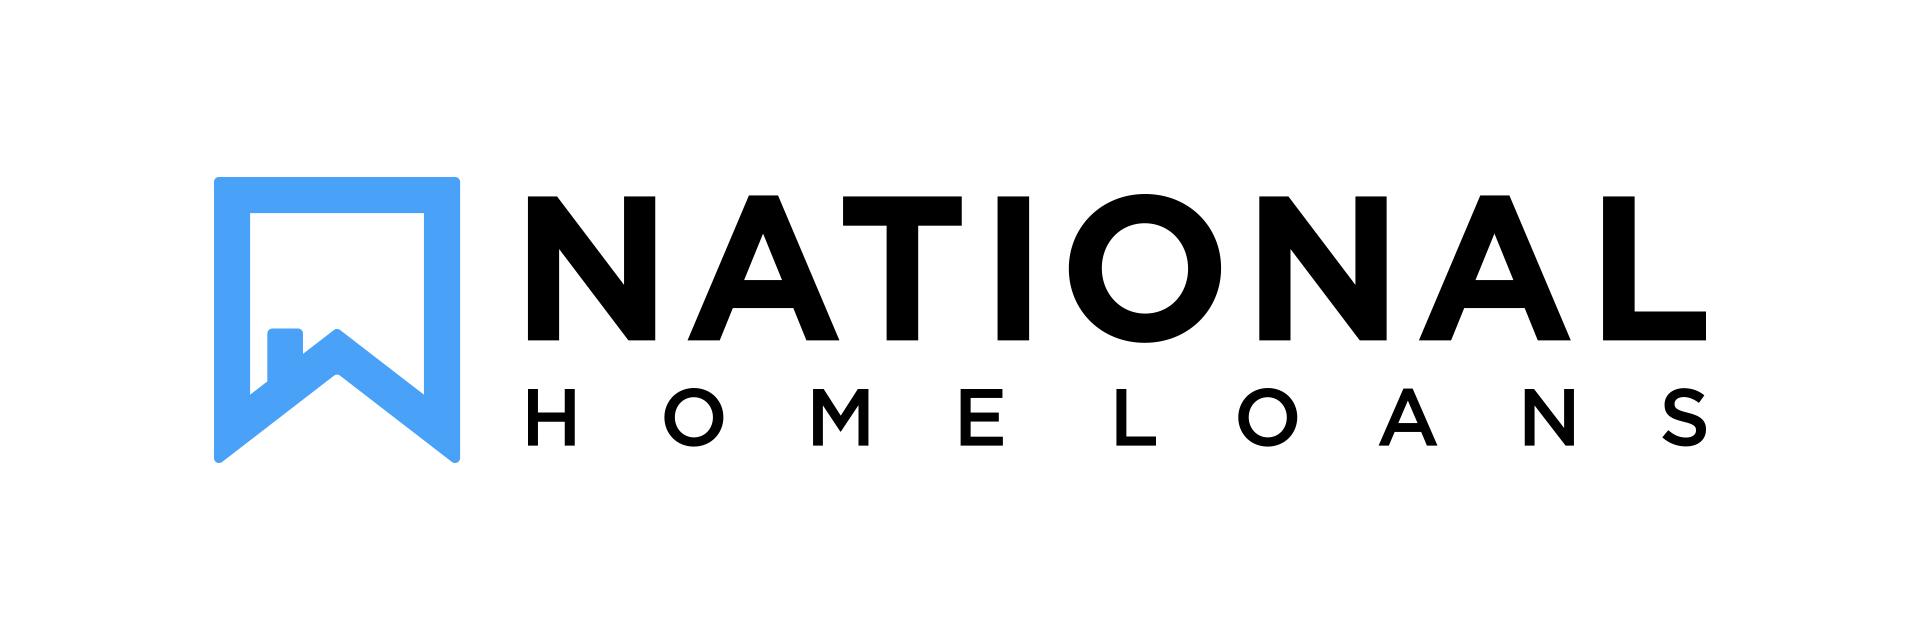 National Home Loans Bank Lending